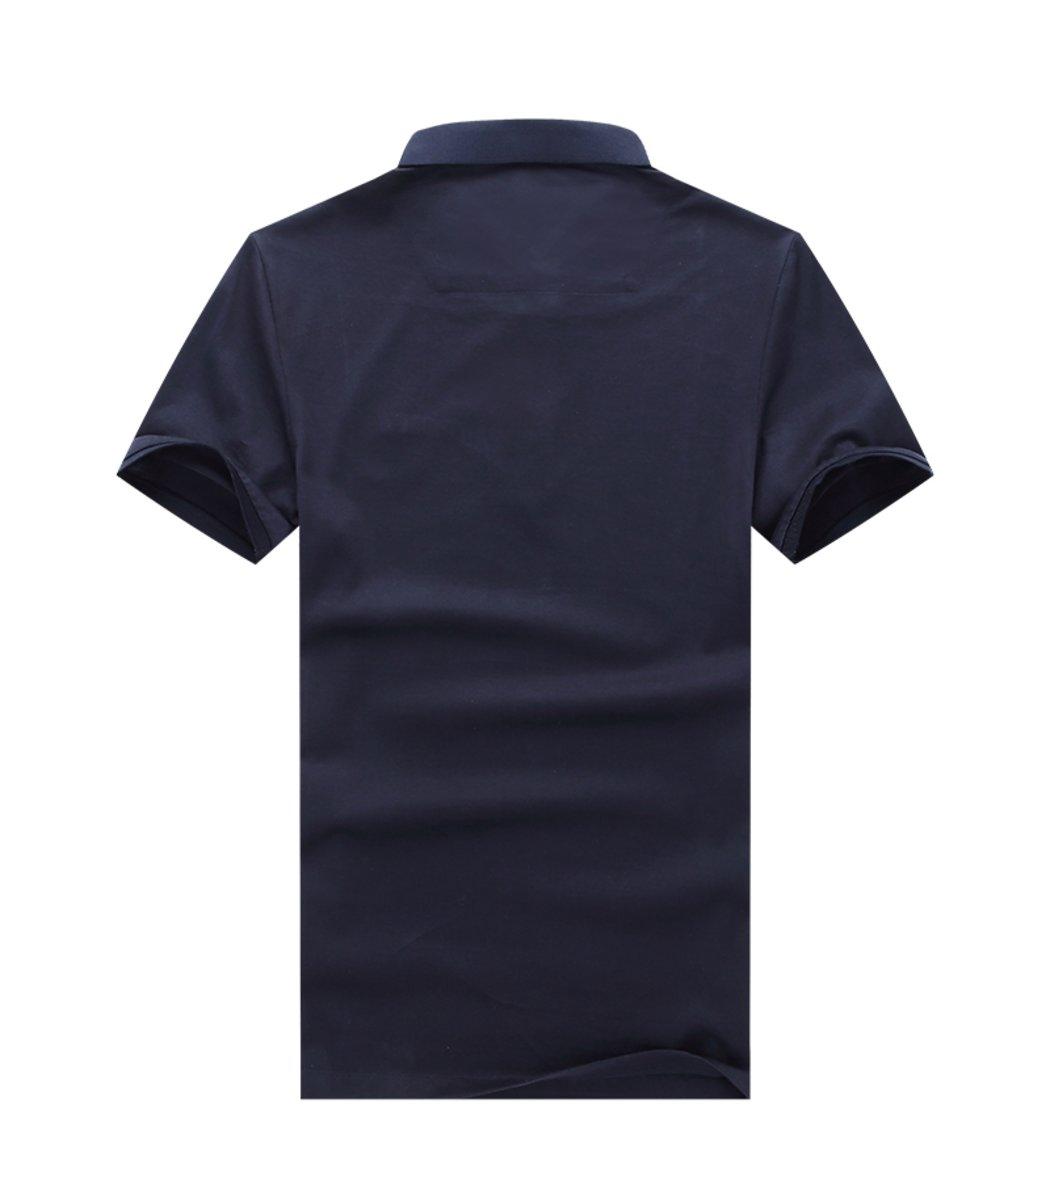 Темно синяя футболка Paul Shark N001 - темно-синий - Вид 2